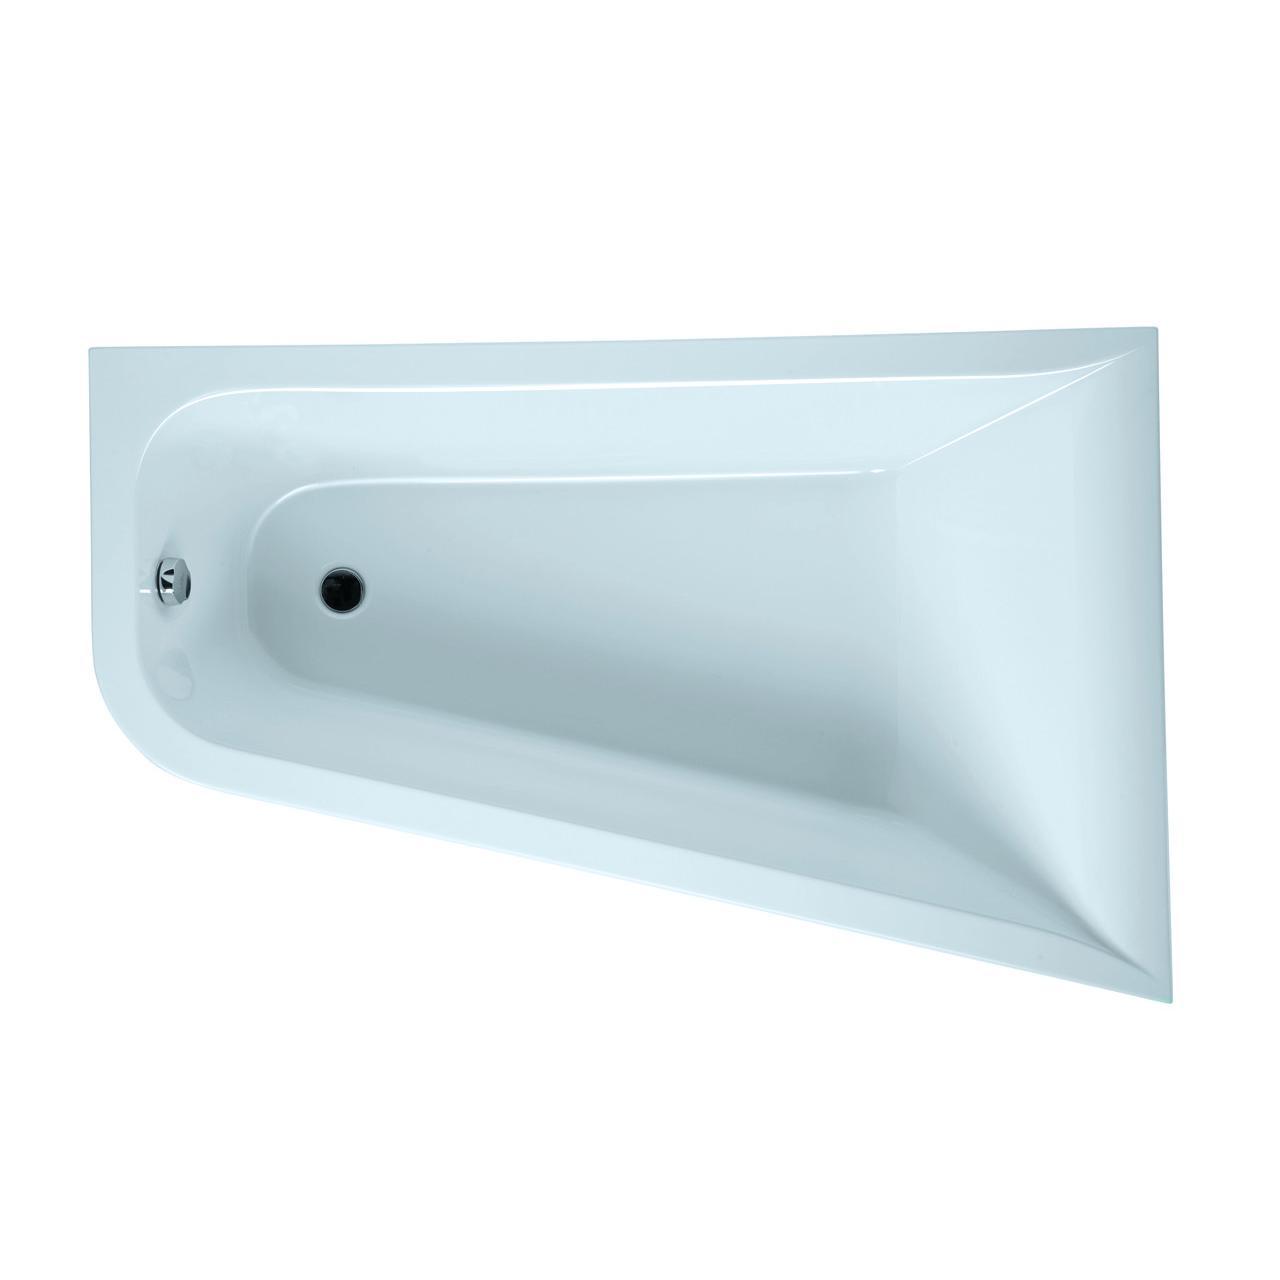 Акриловая ванна Am.pm Spirit 160x100 правая недорого